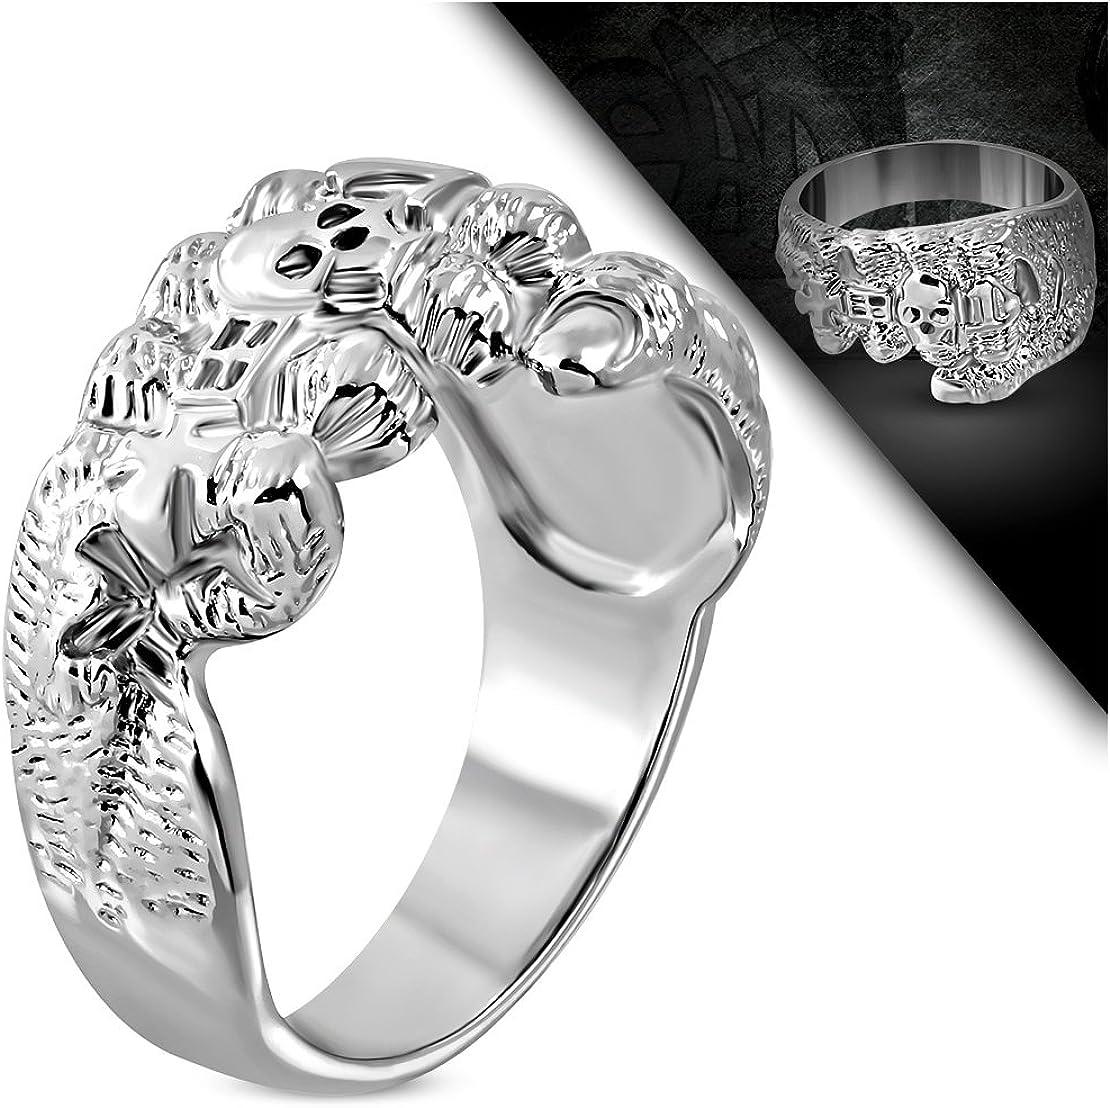 Stainless Steel Cross Ghost Skull Evil Fist Hand Biker Ring